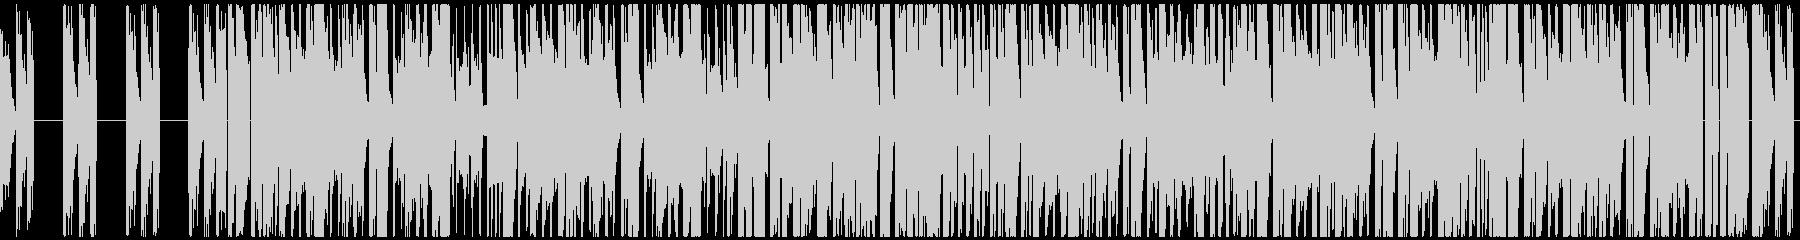 映画BGM等に使用出来るハード系サウンドの未再生の波形